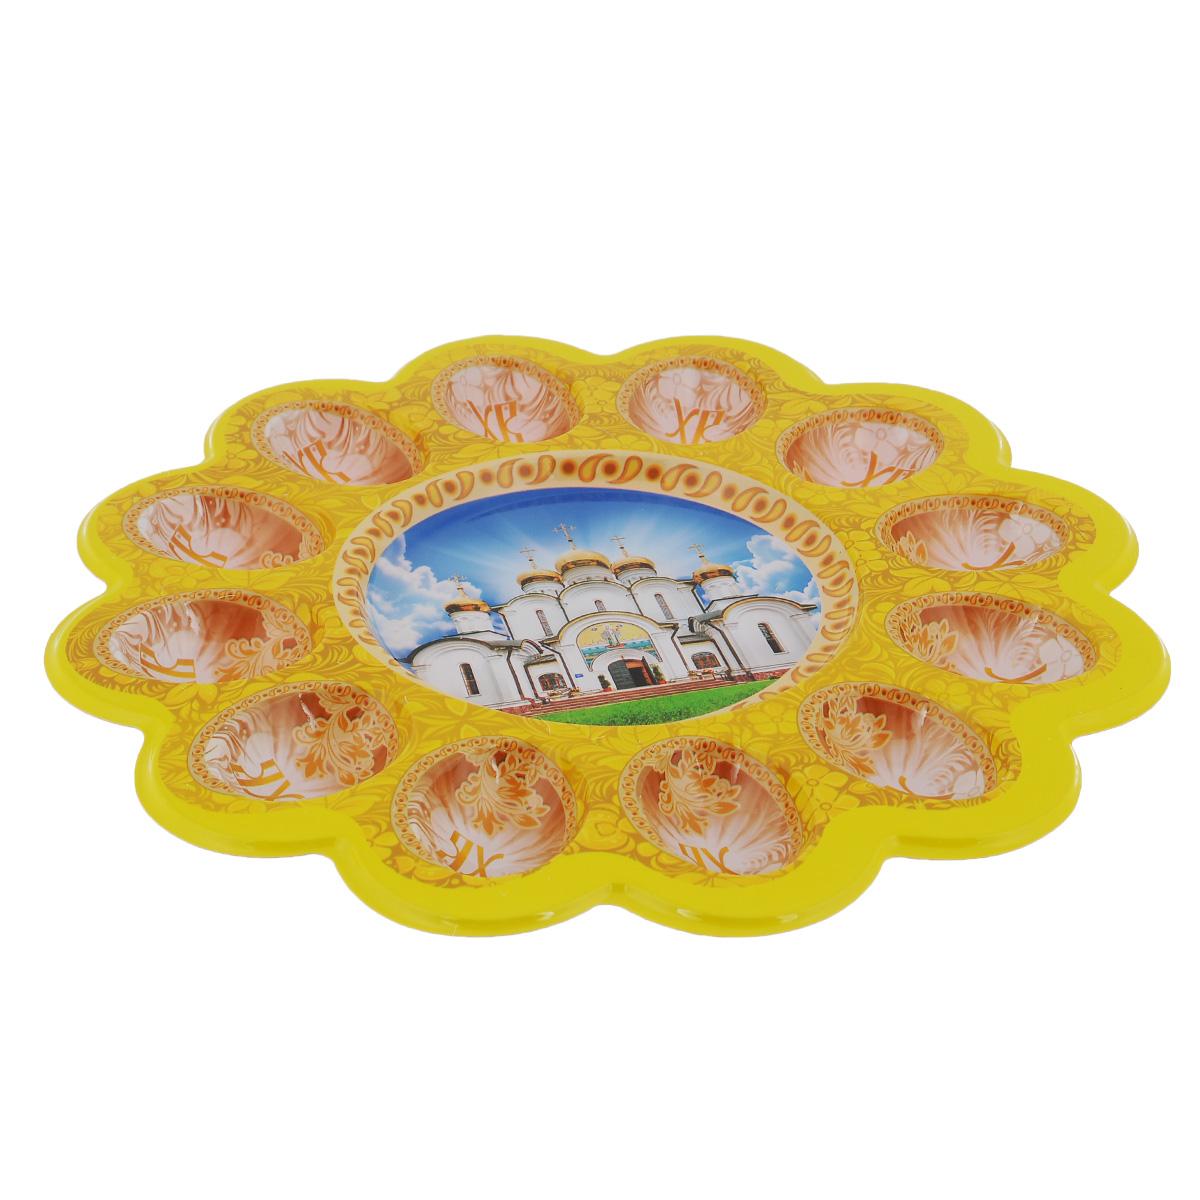 Подставка под 12 яиц Home Queen Храмы, цвет: желтый, диаметр 30 см66695_1Подставка под 12 яиц Home Queen Храмы станет оригинальным украшением праздничного стола на Пасху. Изделие изготовлено из высококачественного пластика и украшено красочным изображение храма в пасхальном стиле. Такая подставка красиво оформит праздничный стол и создаст особое настроение. Нельзя мыть в посудомоечной машине. Диаметр подставки: 30 см. Высота подставки: 1,5 см.